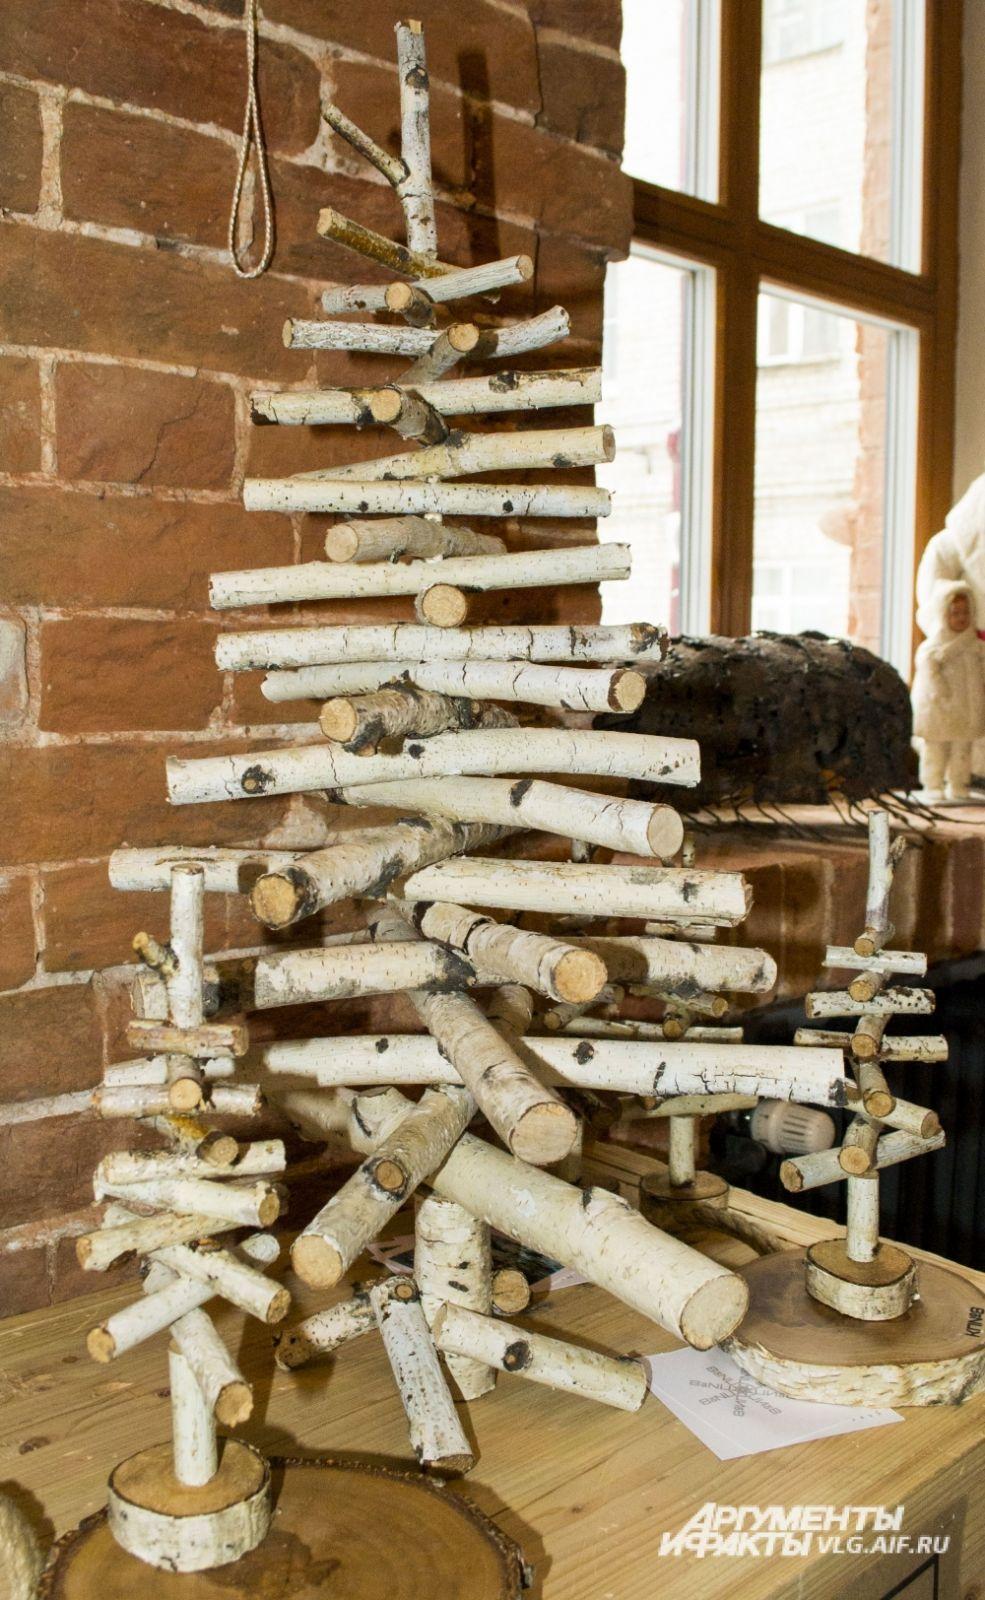 «Ёлка-не ёлка» от Елены Казановой.  Дерево полностью разборное и может компактно храниться и служить долгие годы.